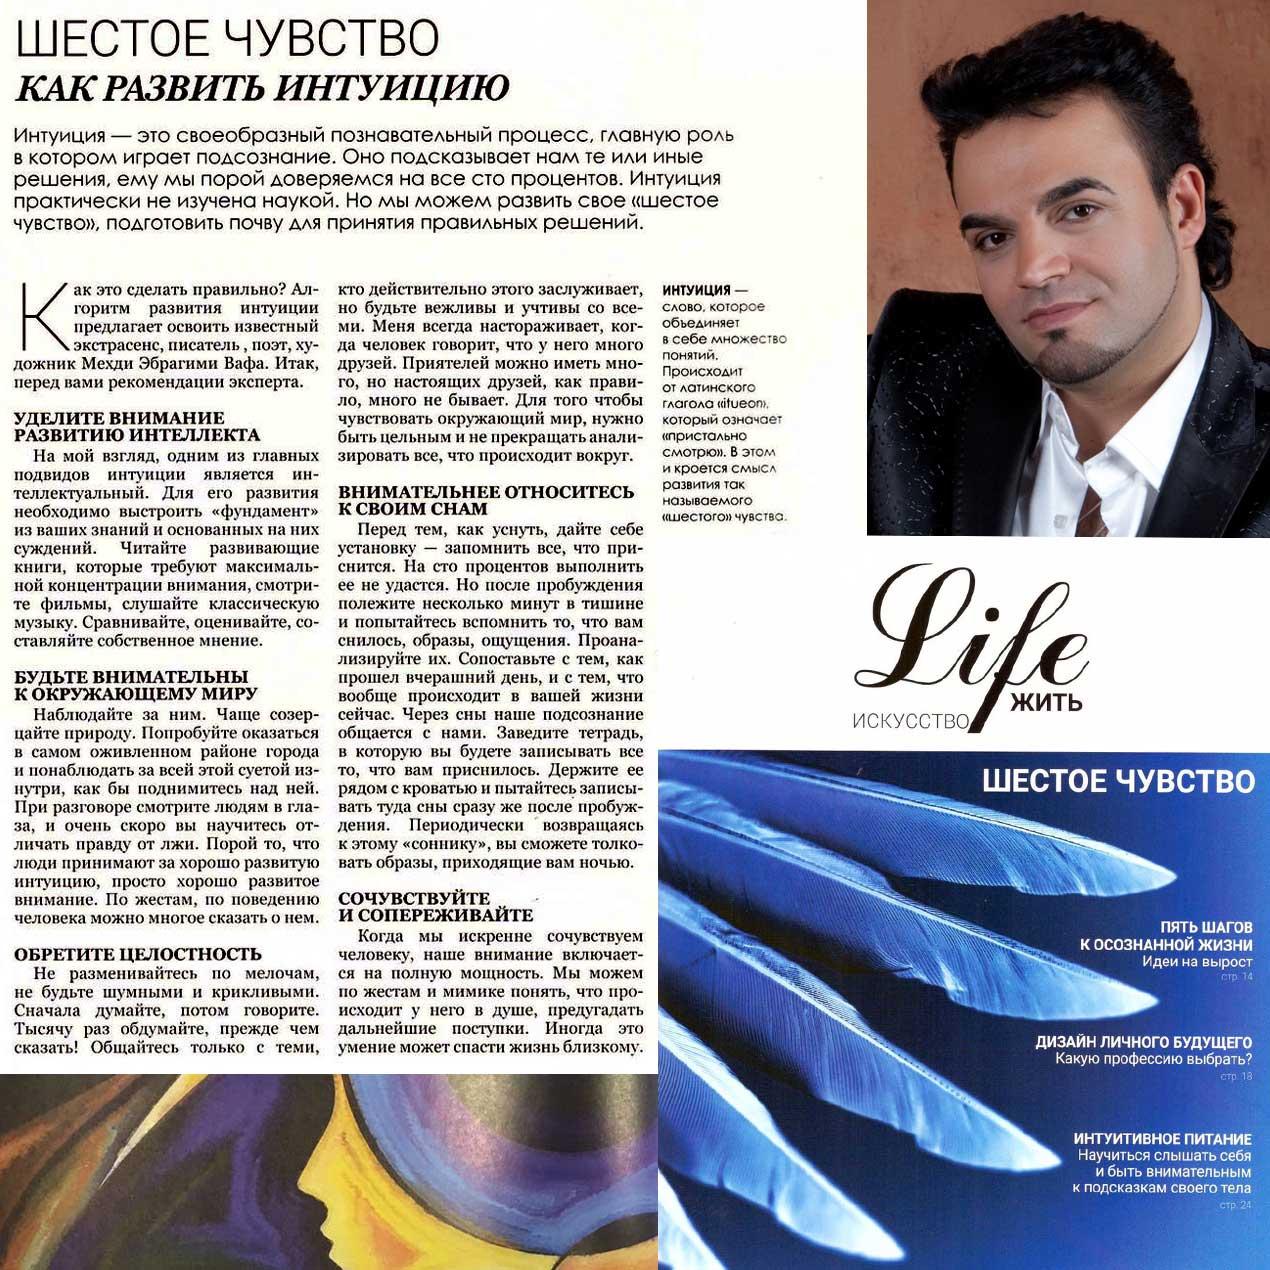 mehdi-life-intuicia-2016-2